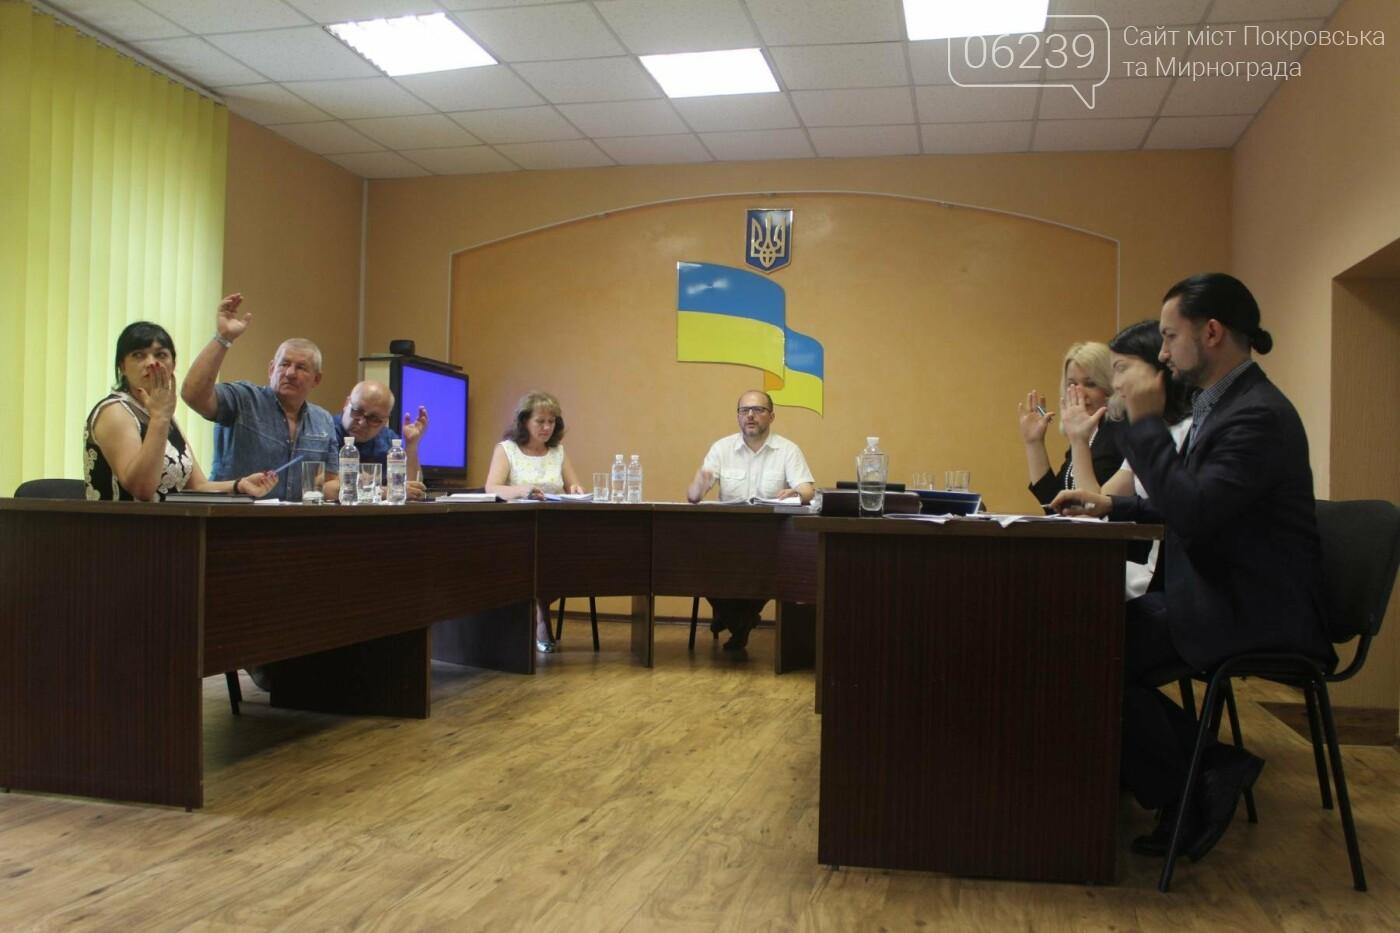 Изменения в бюджете и письмо министру: в Мирнограде состоялась 49-я сессия городского совета, фото-10